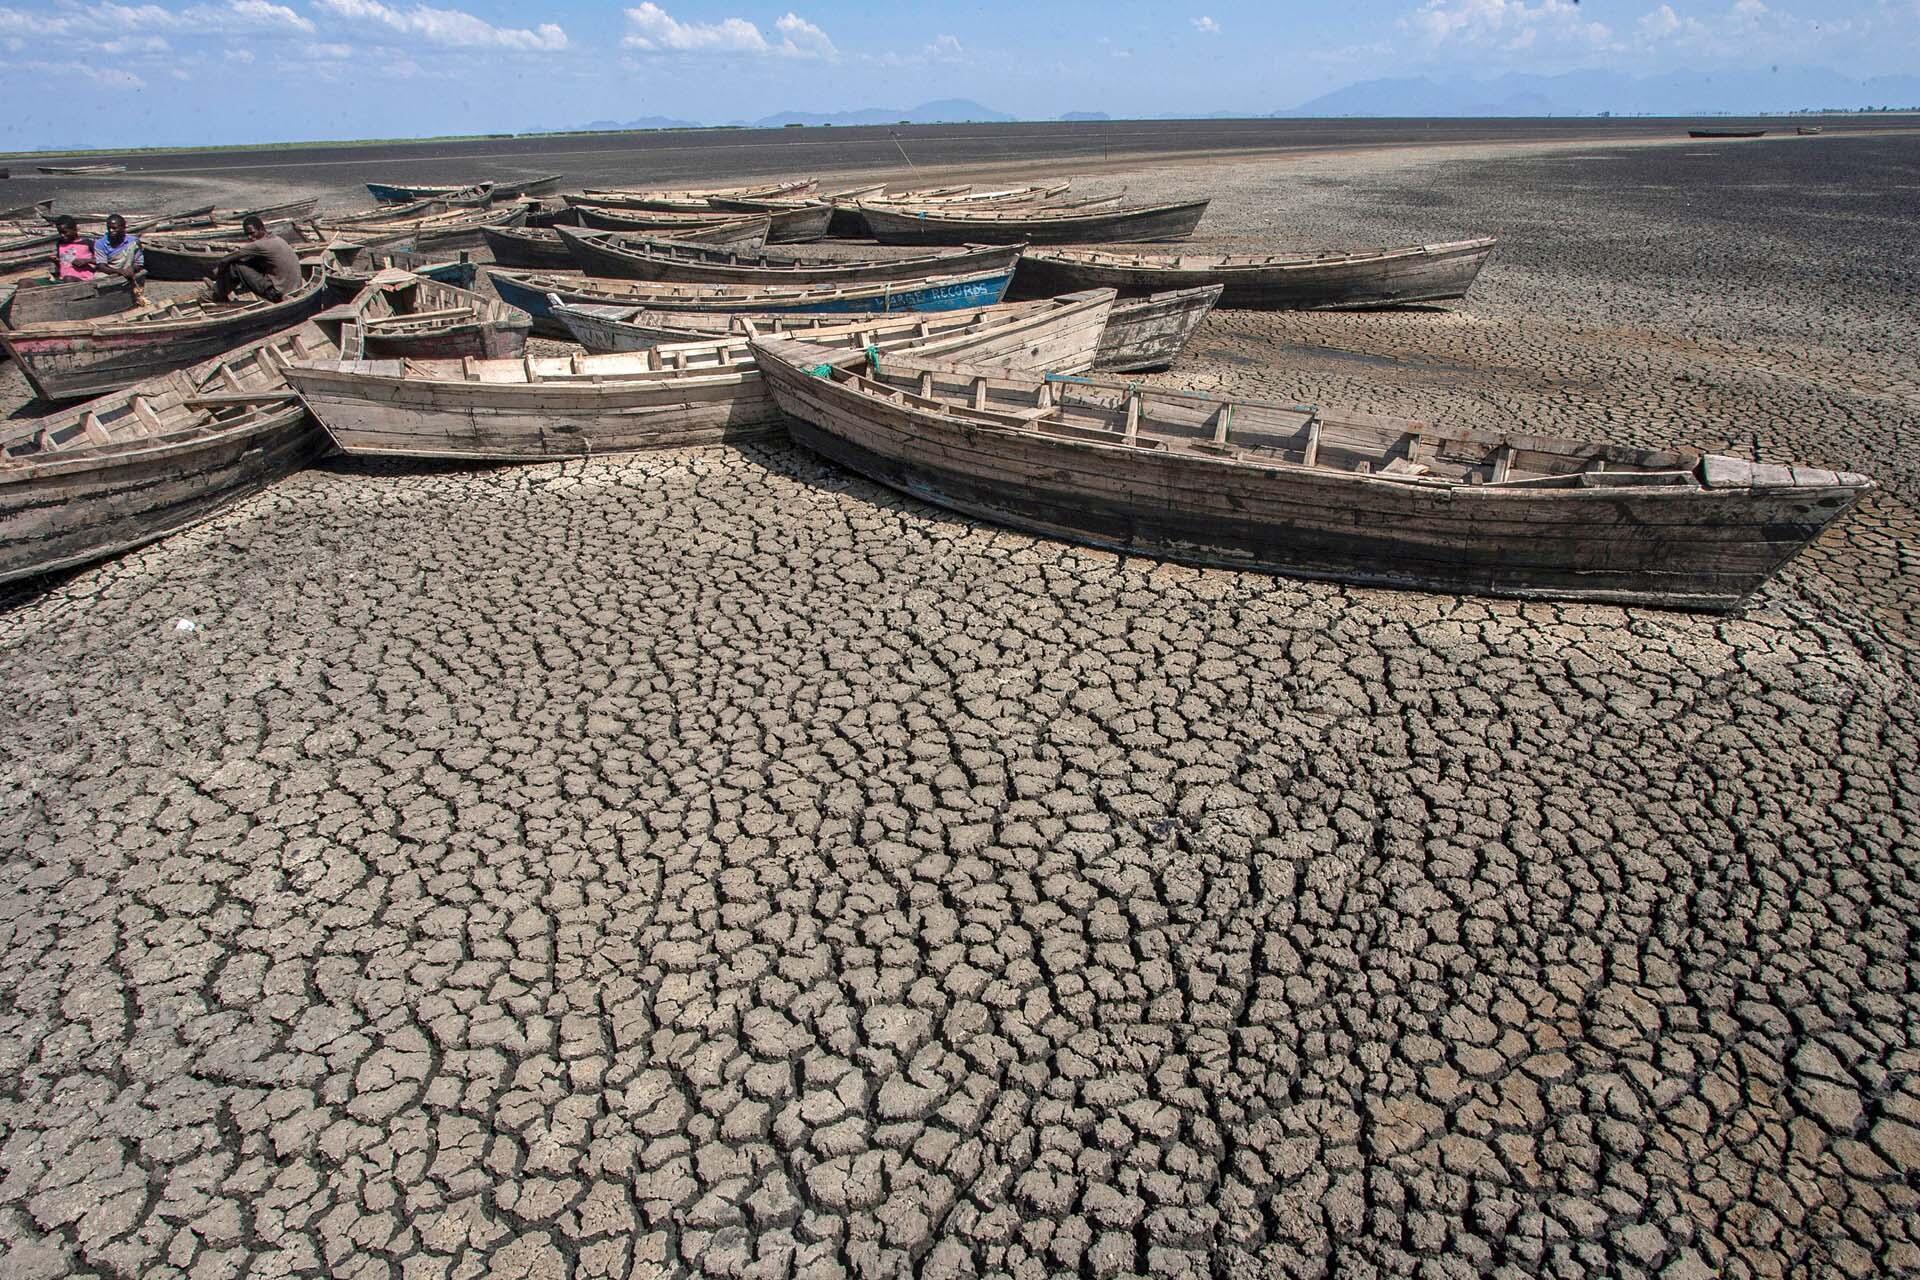 L'assèchement du lac Chilwa, deuxième plus grand lac du Malawi, a des conséquences néfastes sur les moyens de subsistance des communautés situées autour des zones humides. Le 18 octobre 2018.